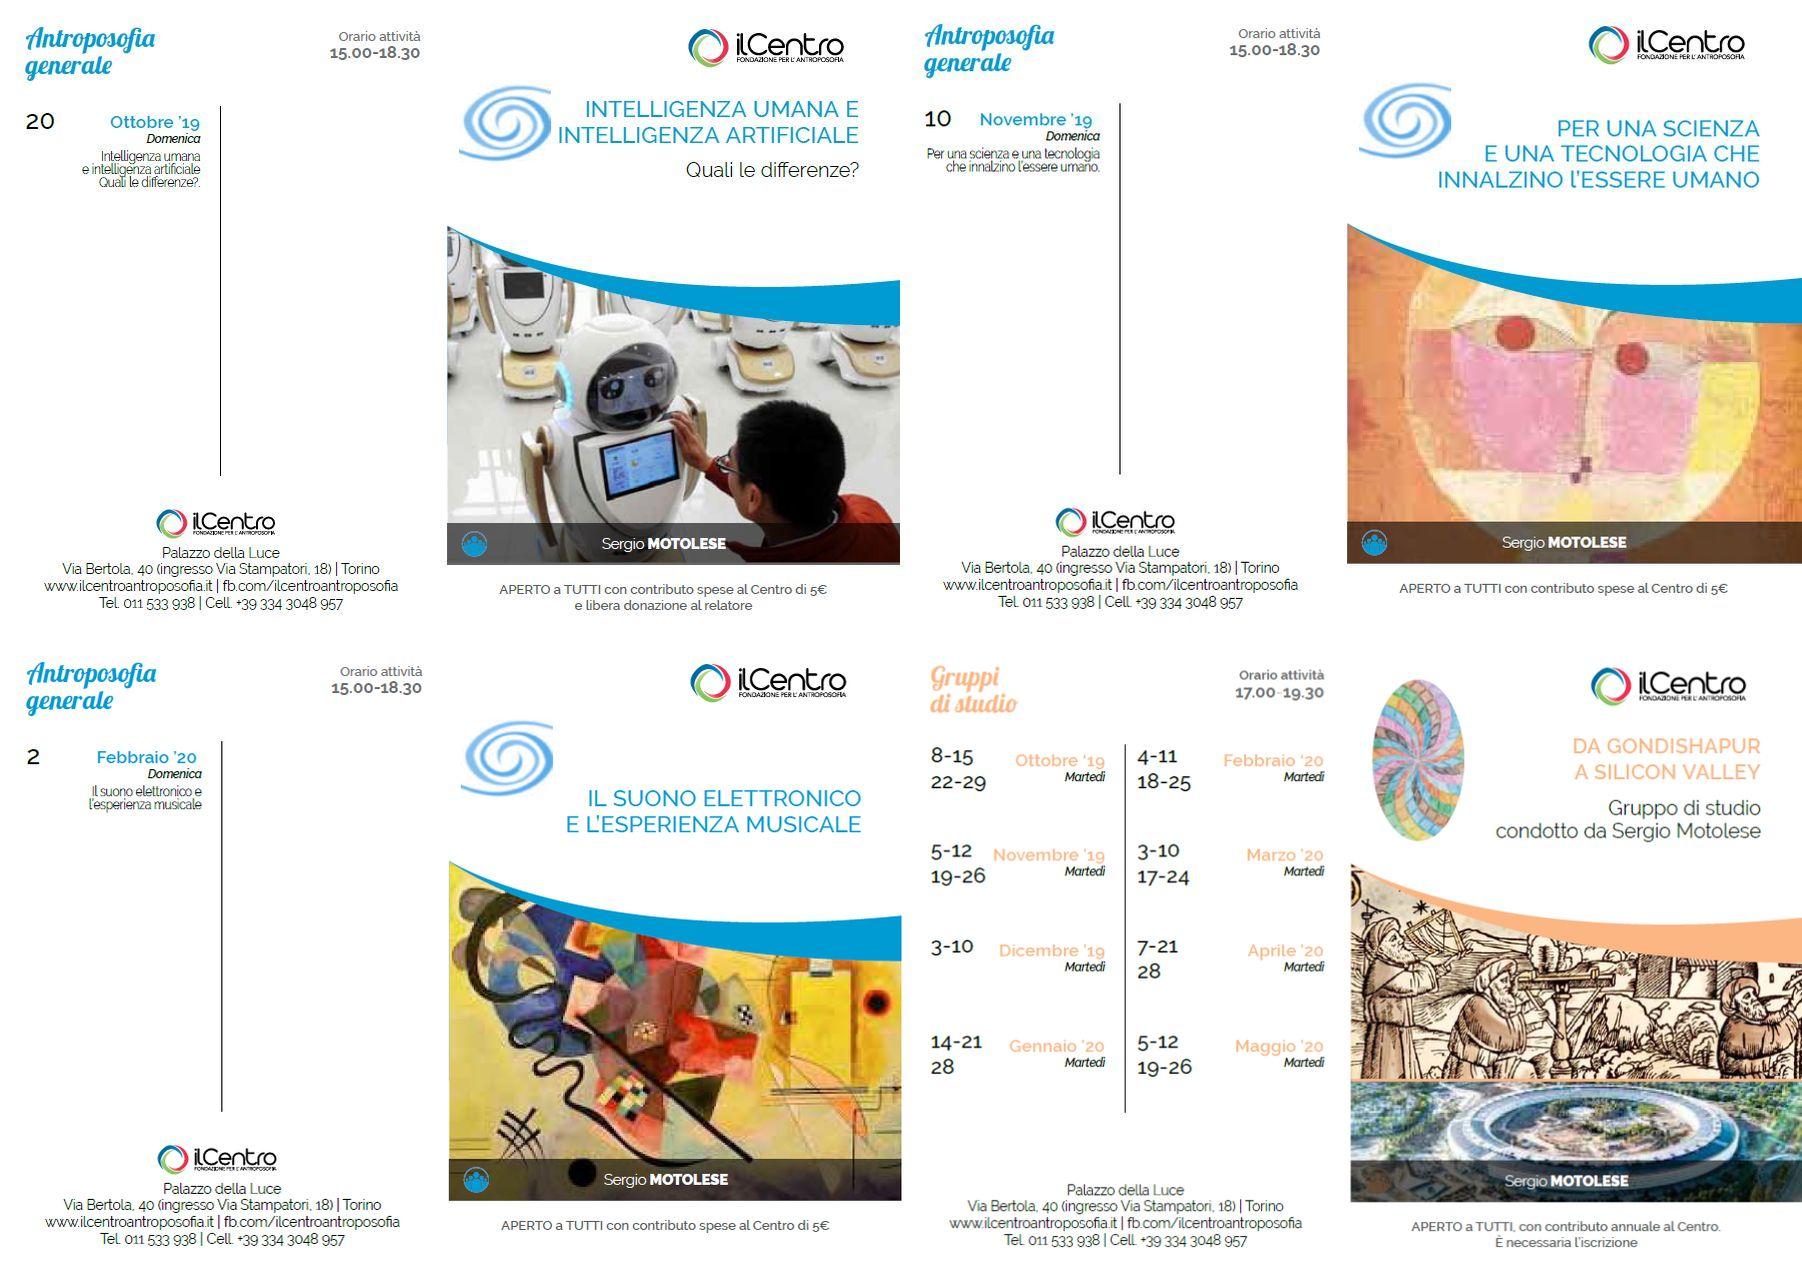 Calendario Sergio Motolese 2019-2020